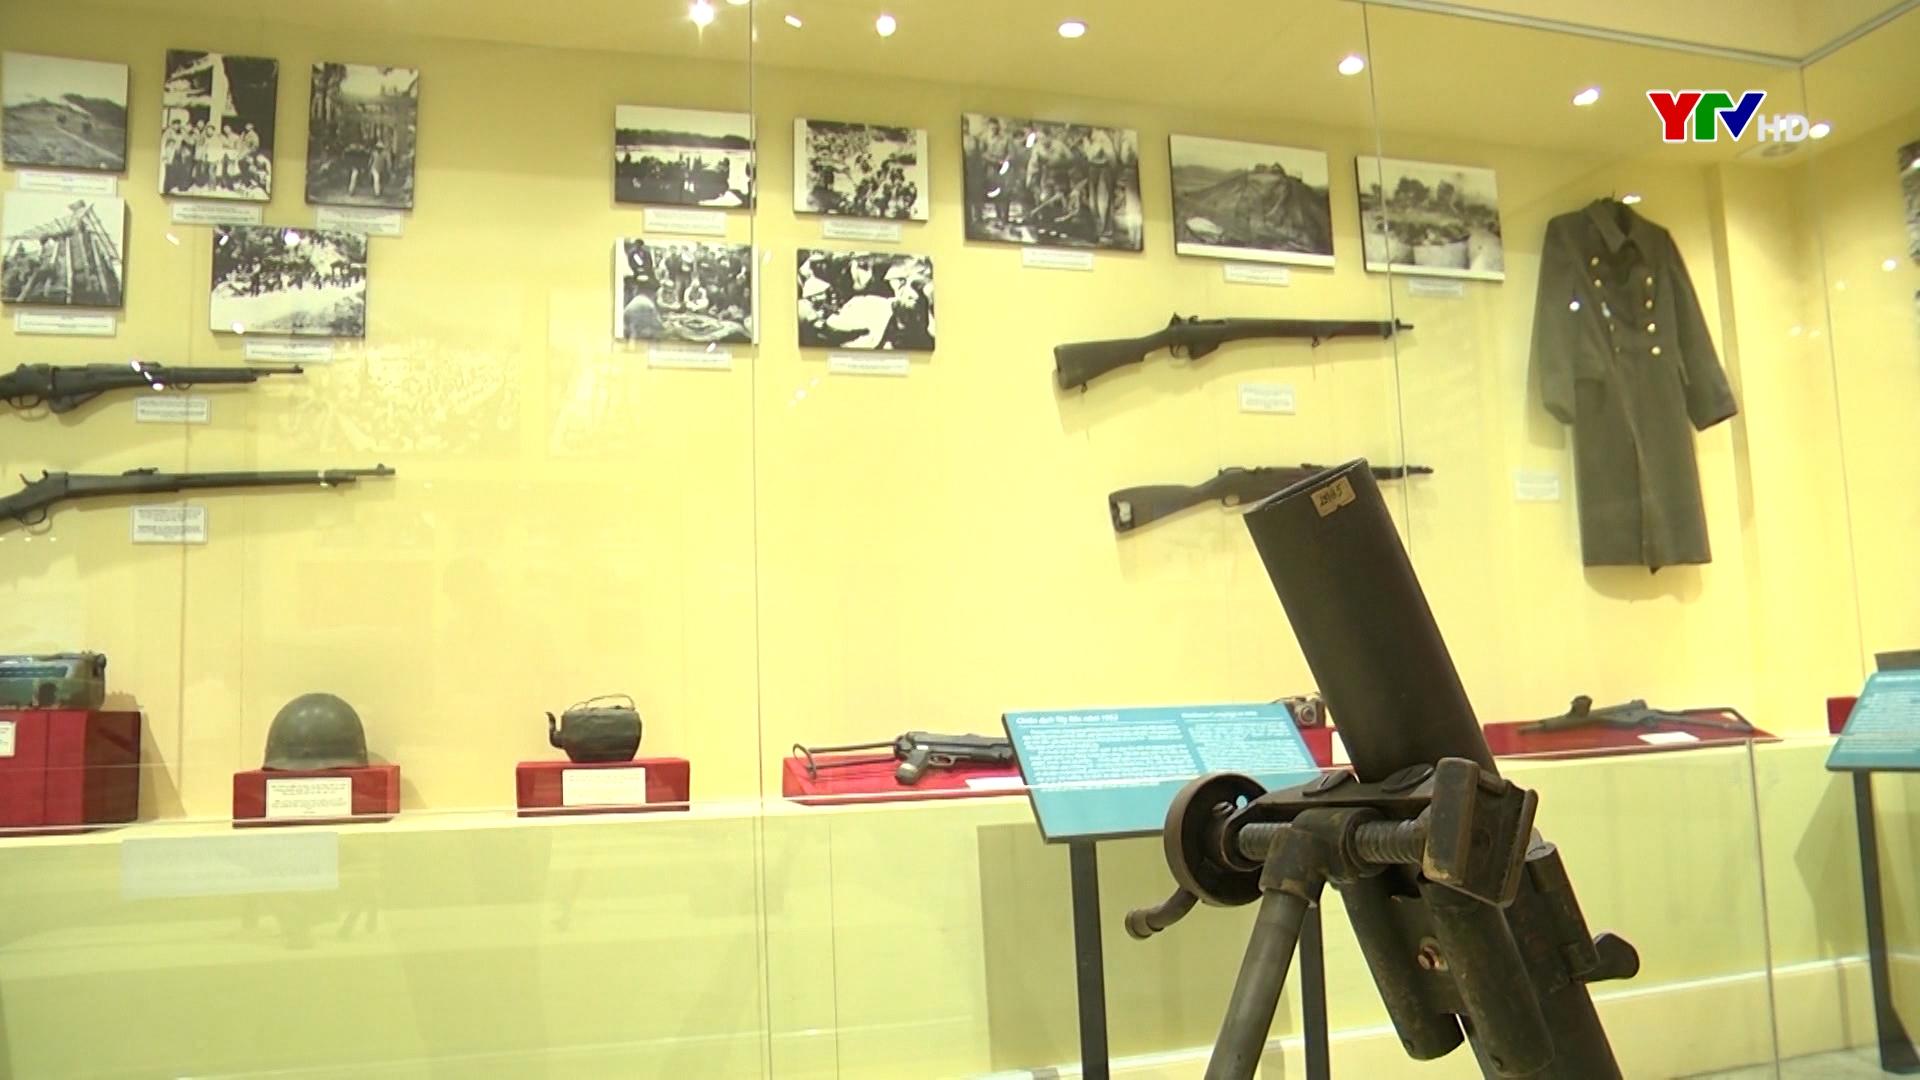 Bảo tàng tỉnh Yên Bái - Nơi lưu giữ, trưng bày hiện vật lịch sử